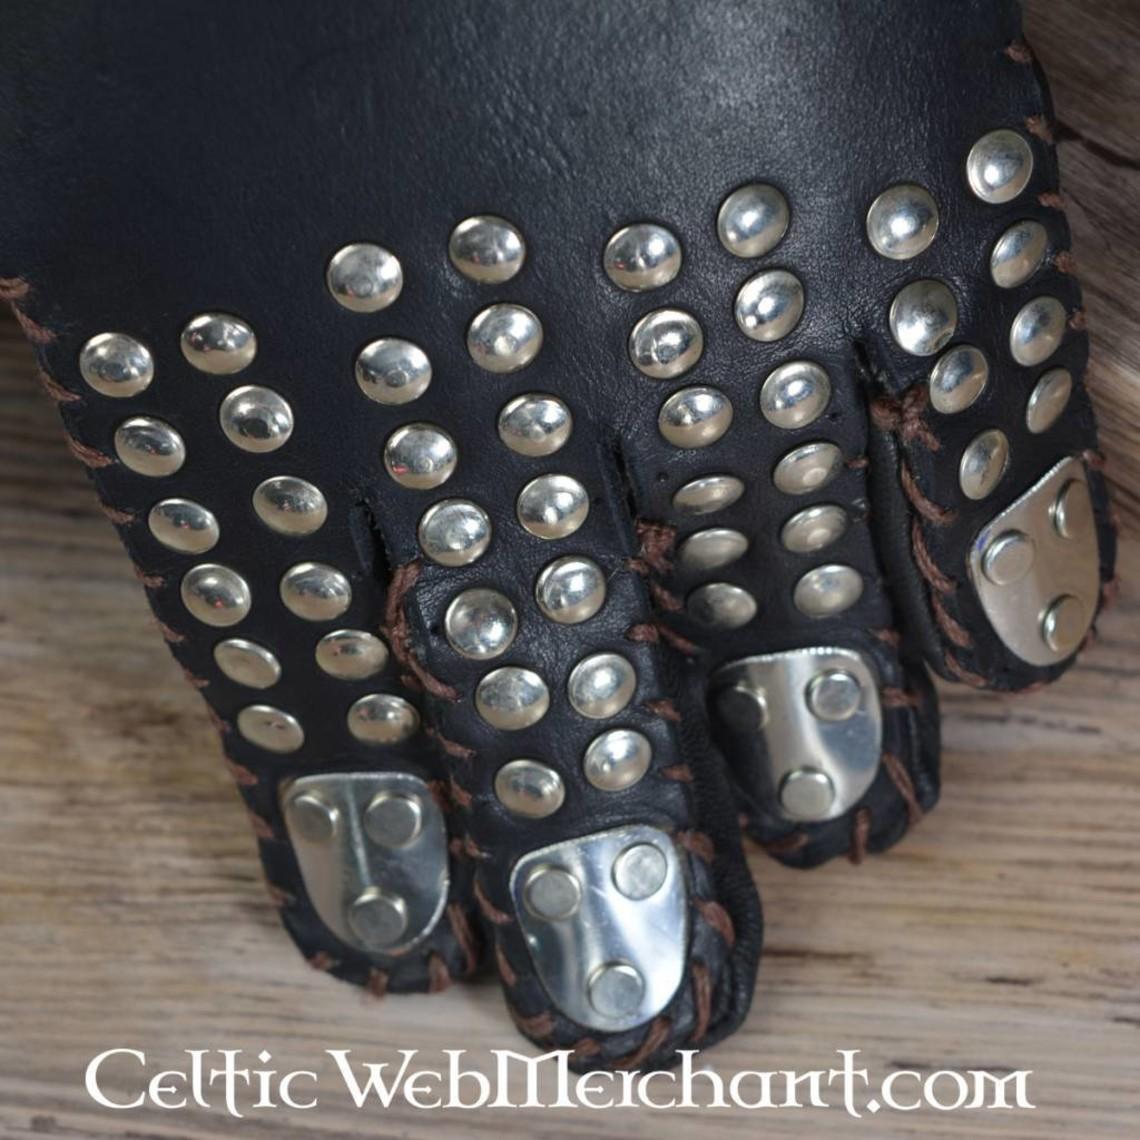 Gants avec plaques en métal